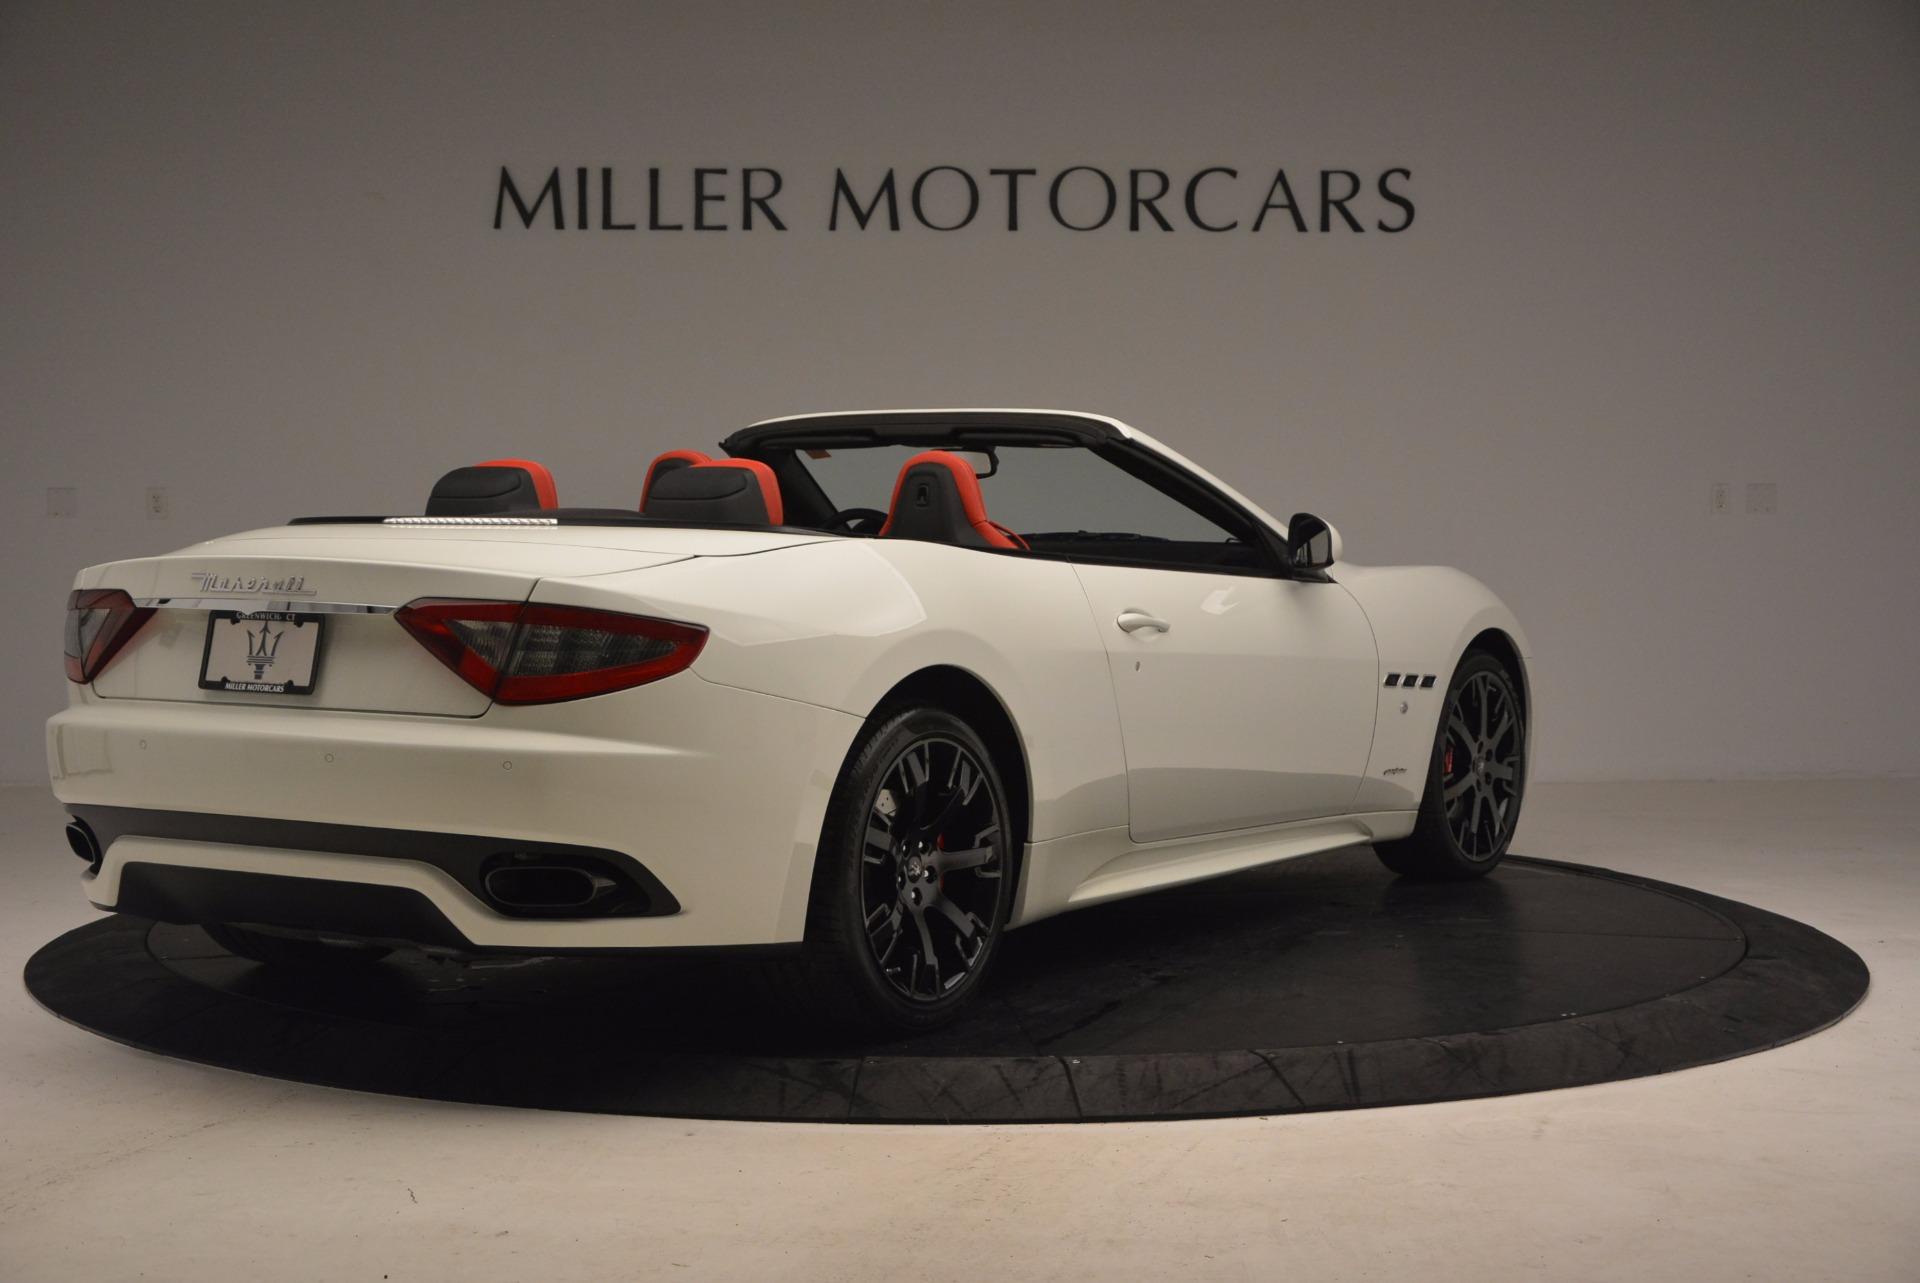 Used 2016 Maserati GranTurismo Sport For Sale In Greenwich, CT 1100_p7